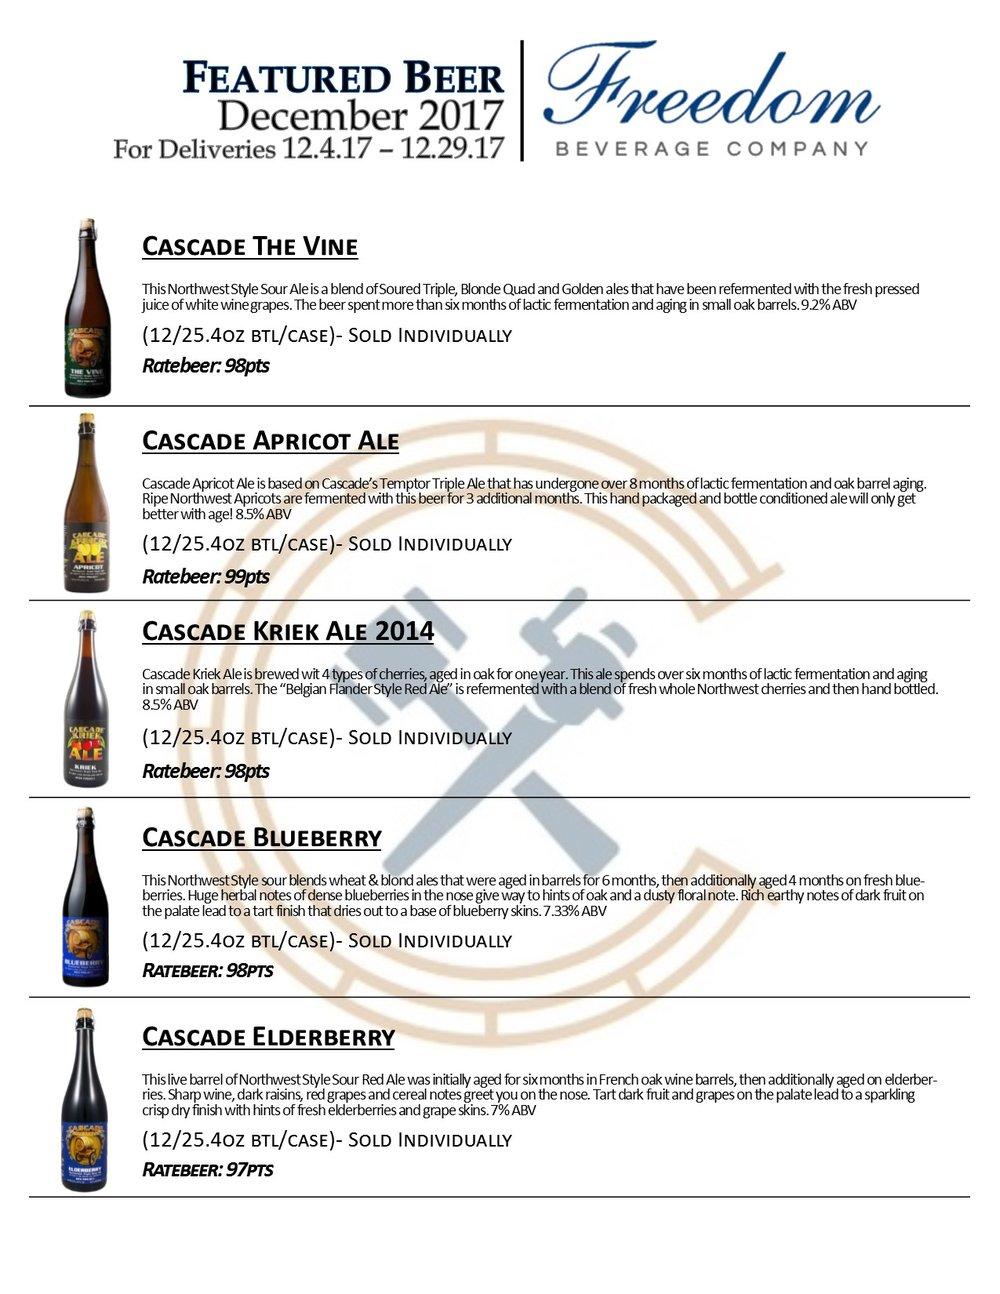 December 2017 Featured Beer - WEBSITE.jpg